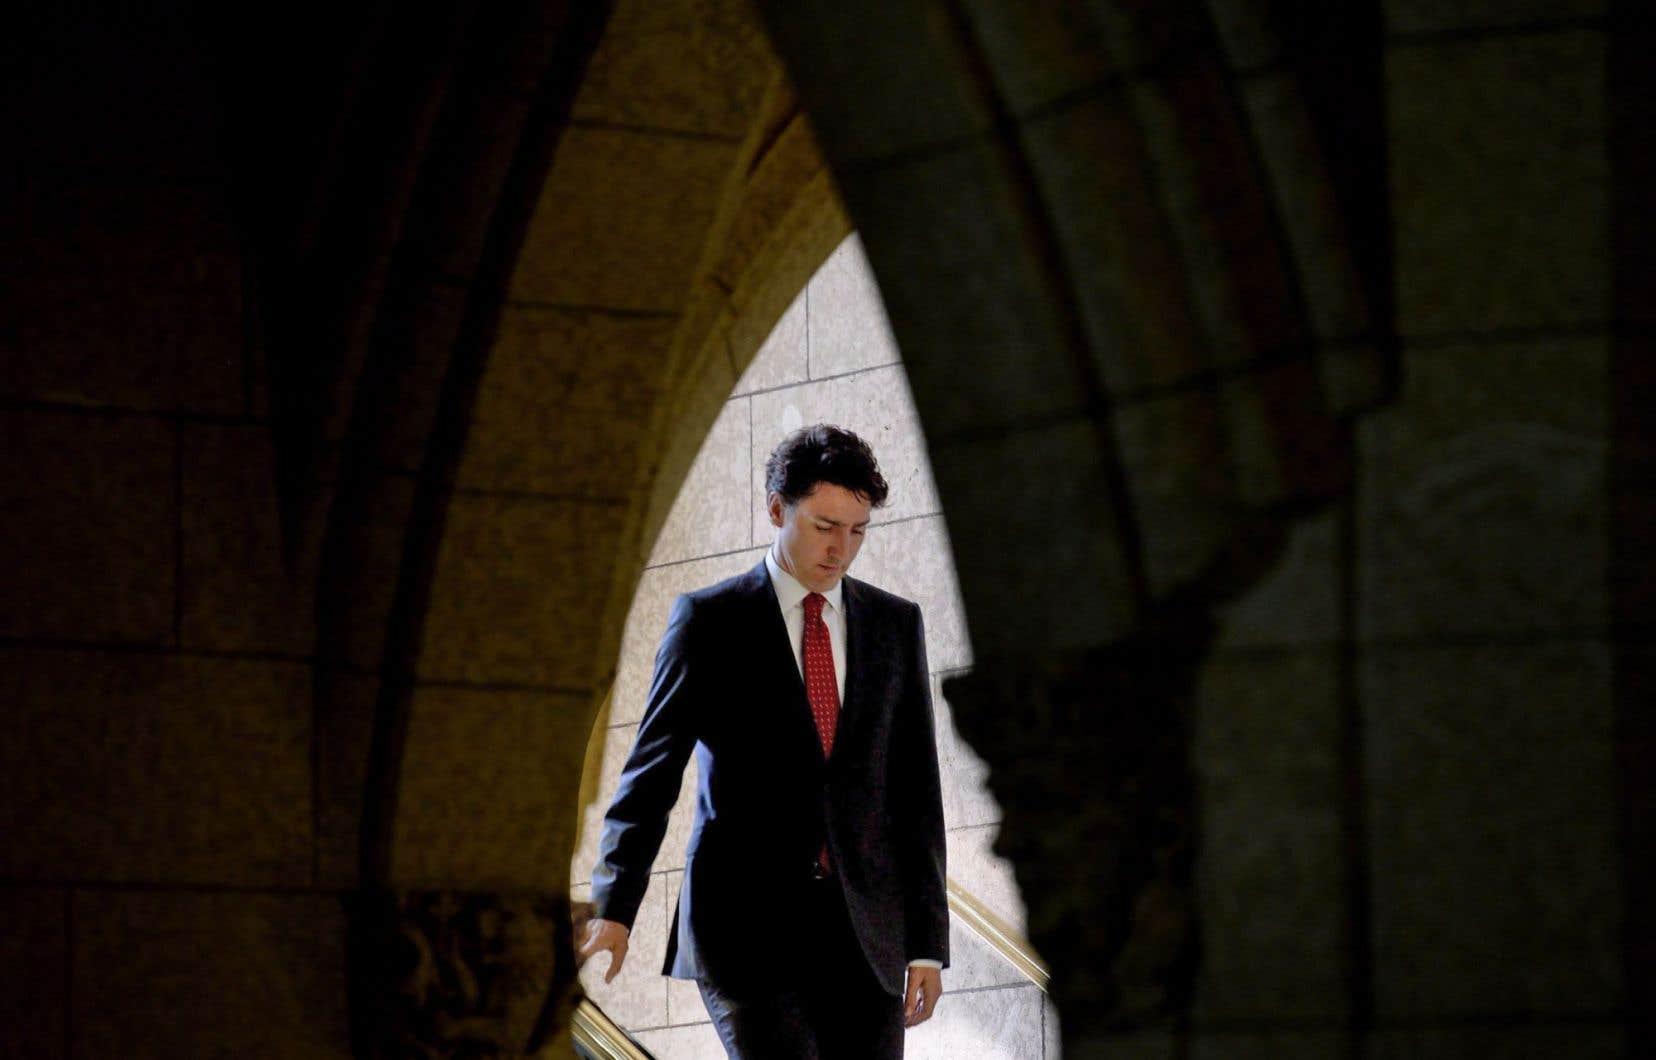 Cette première session de l'ère Trudeau a par ailleurs permis de prendre le pouls du nouveau contexte parlementaire engendré par l'indépendance sénatoriale 2.0.